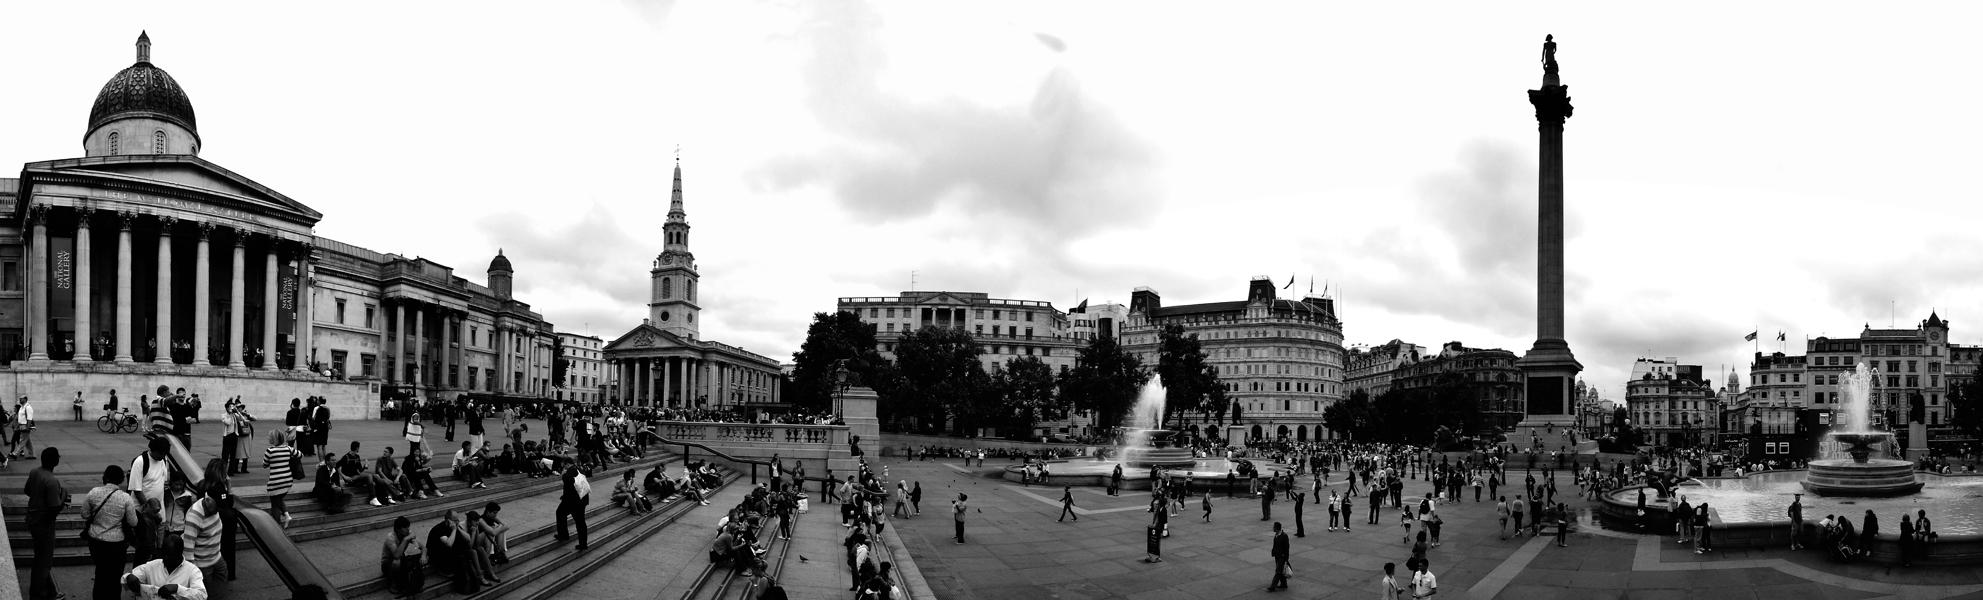 Photo noir et blanc panoramique de Trafalgar Square - Londres